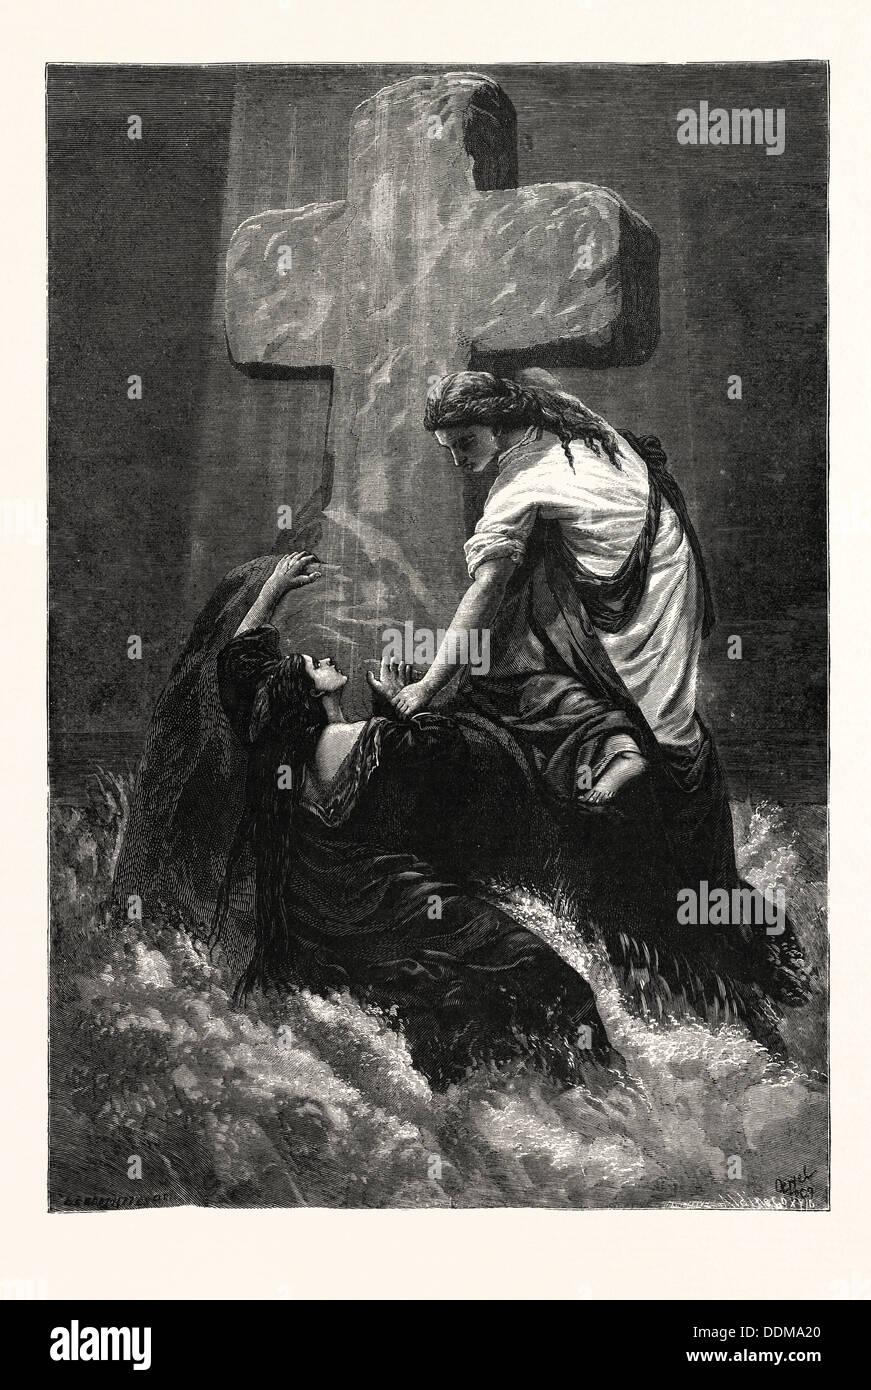 La MANO. Impresión religiosa. Imagen De Stock